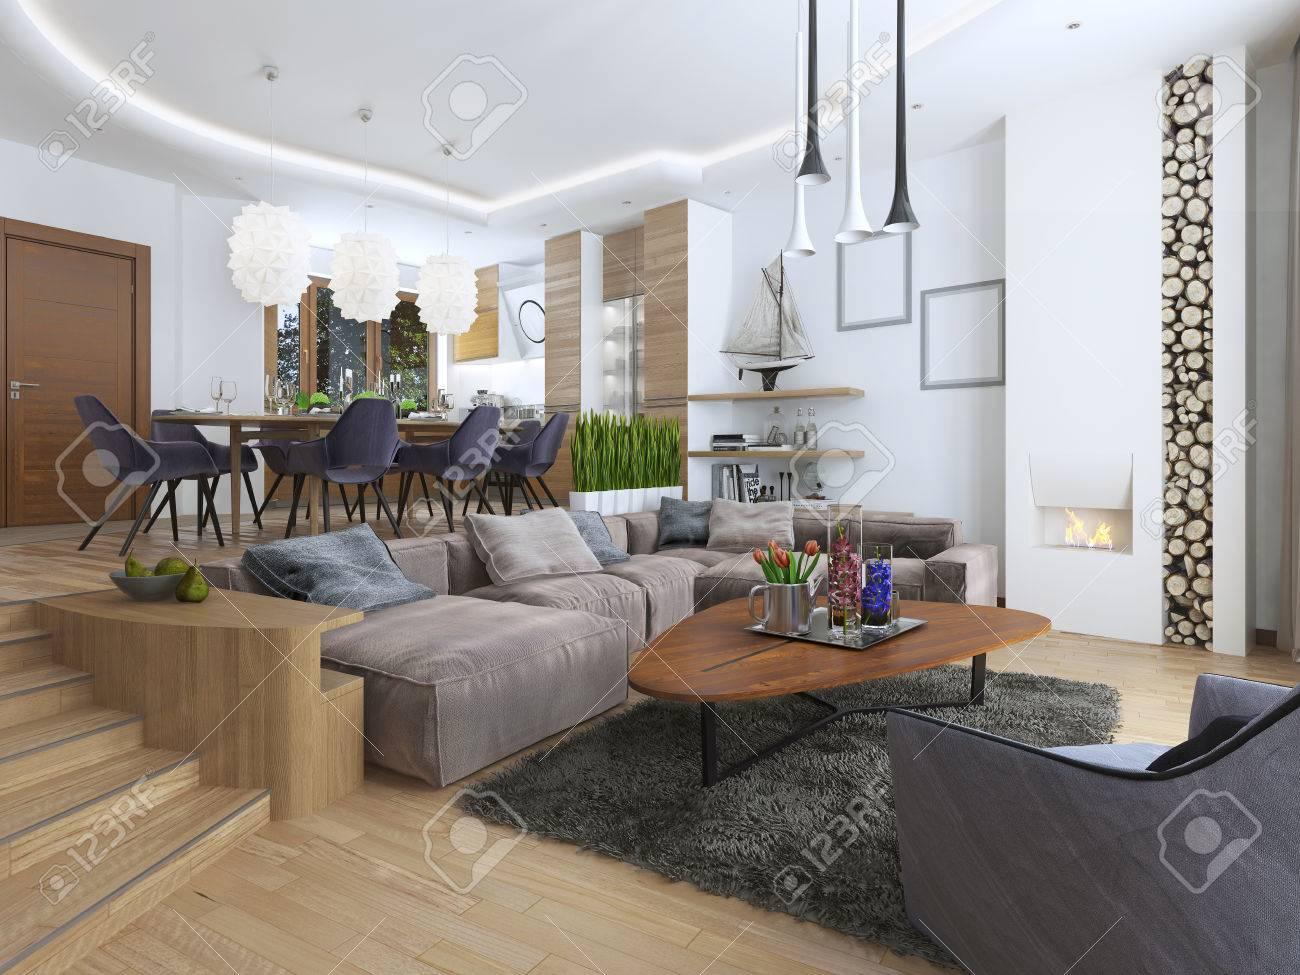 Moderne Wohnzimmer In Einem Loft-Stil, Mischen Sanft In Die Küche ...